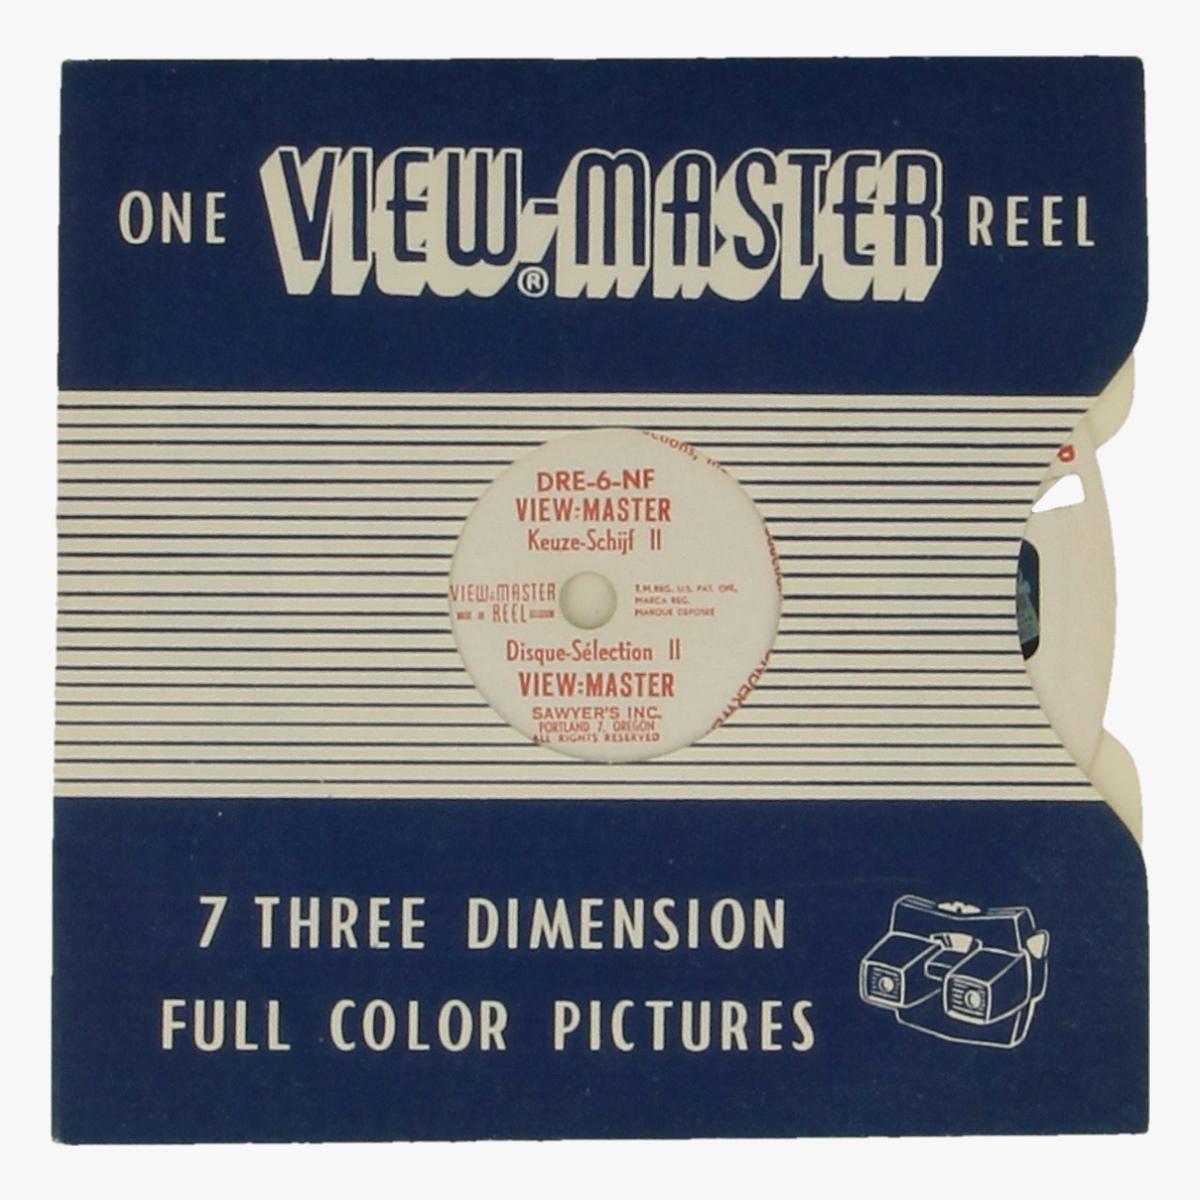 Afbeeldingen van View-master DRE-6-NF schijf 2